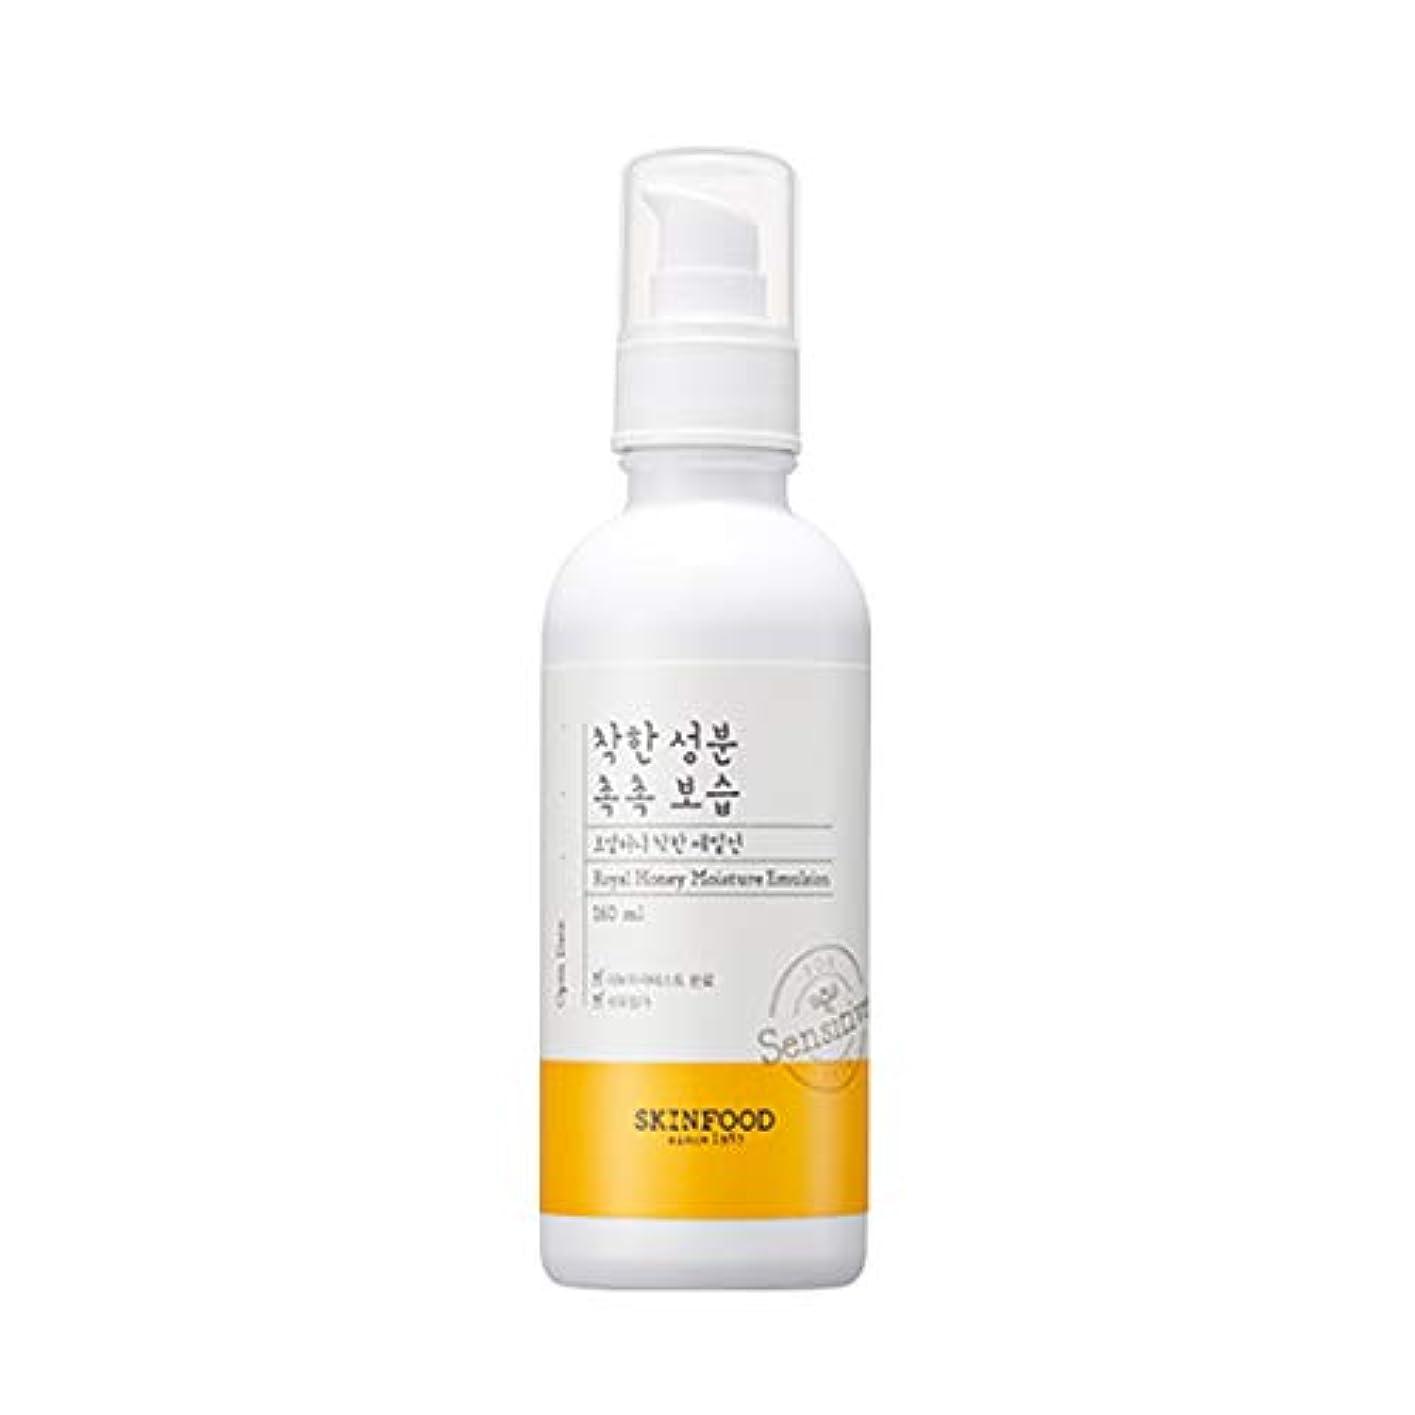 ネット地上でモールス信号Skinfood ロイヤルハニーモイスチャーエマルジョン/Royal Honey Moisture Emulsion 160ml [並行輸入品]